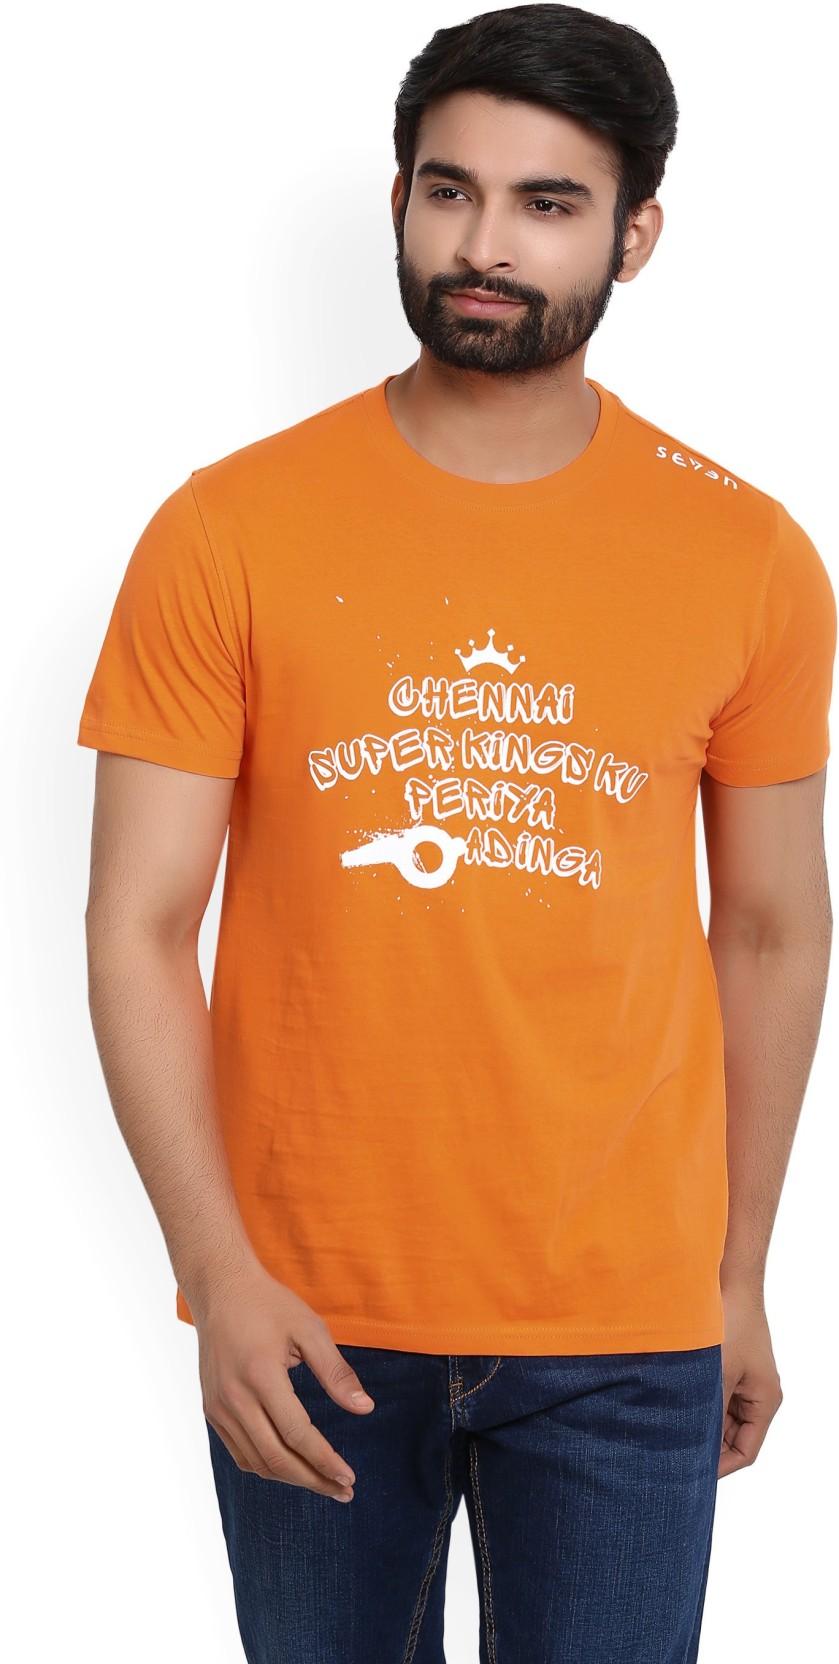 5d518009a47 Csk T Shirts Online - DREAMWORKS